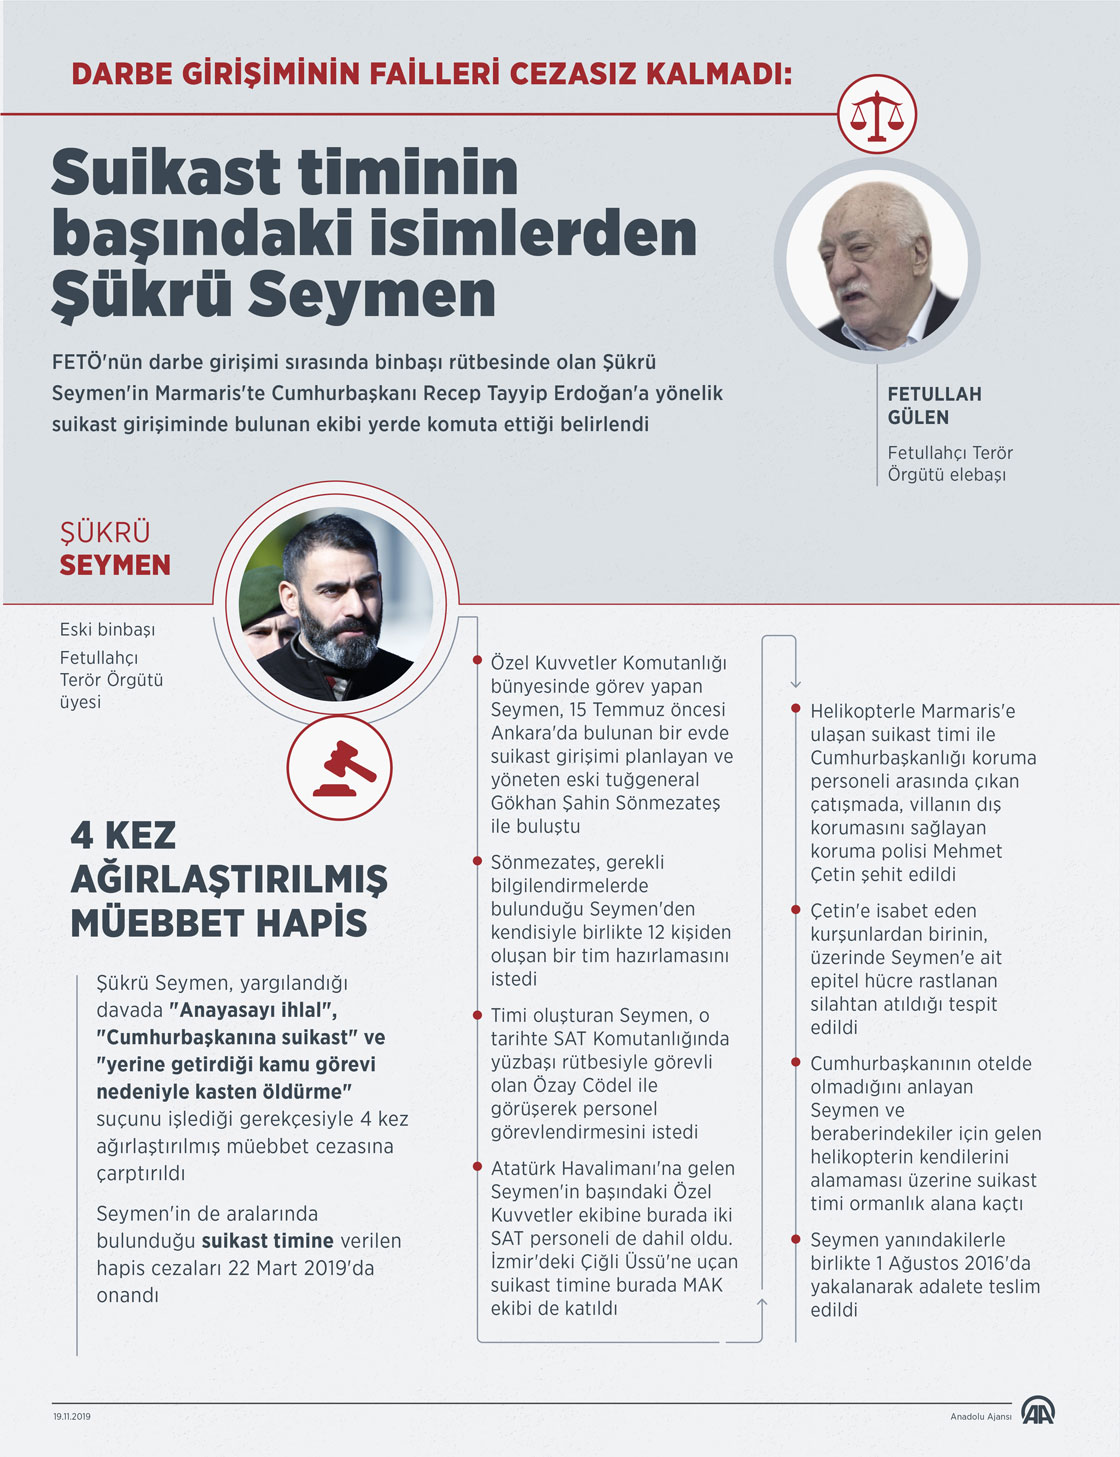 Erdoğan'a suikast girişimindeki ekibi komuta eden FETÖ'cüye 4 kez ağırlaştırılmış müebbet